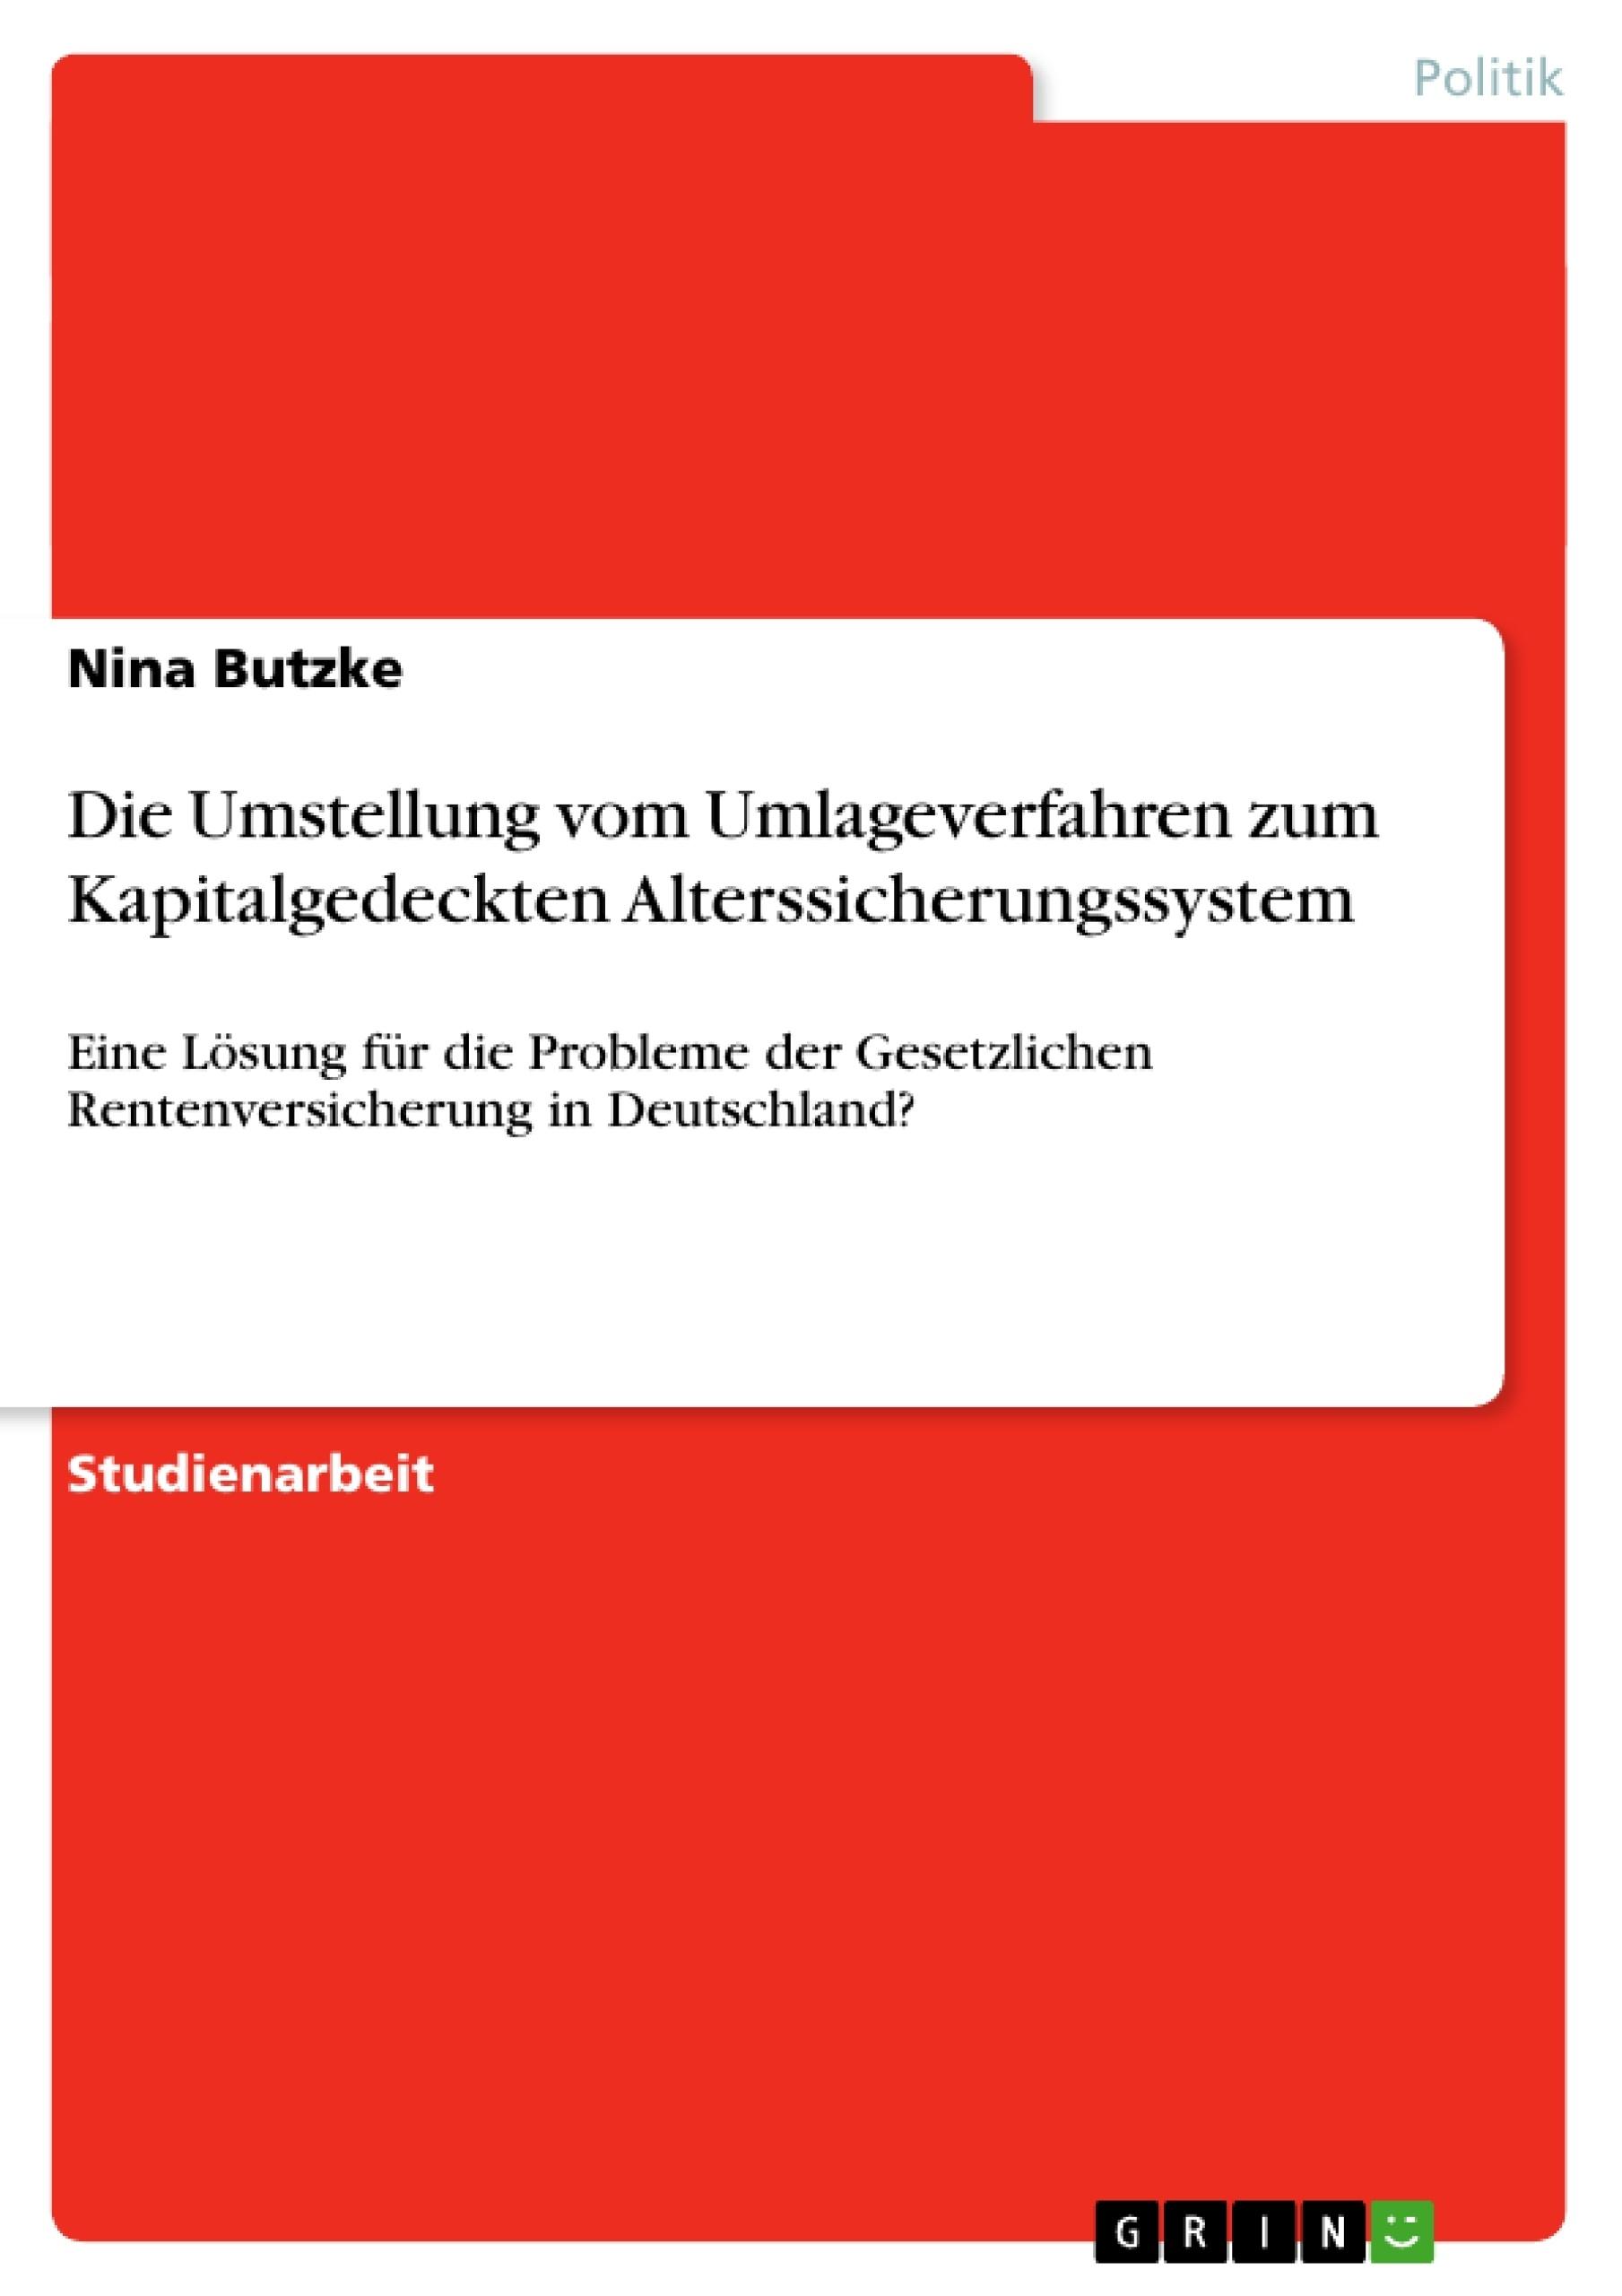 Titel: Die Umstellung vom Umlageverfahren zum Kapitalgedeckten Alterssicherungssystem